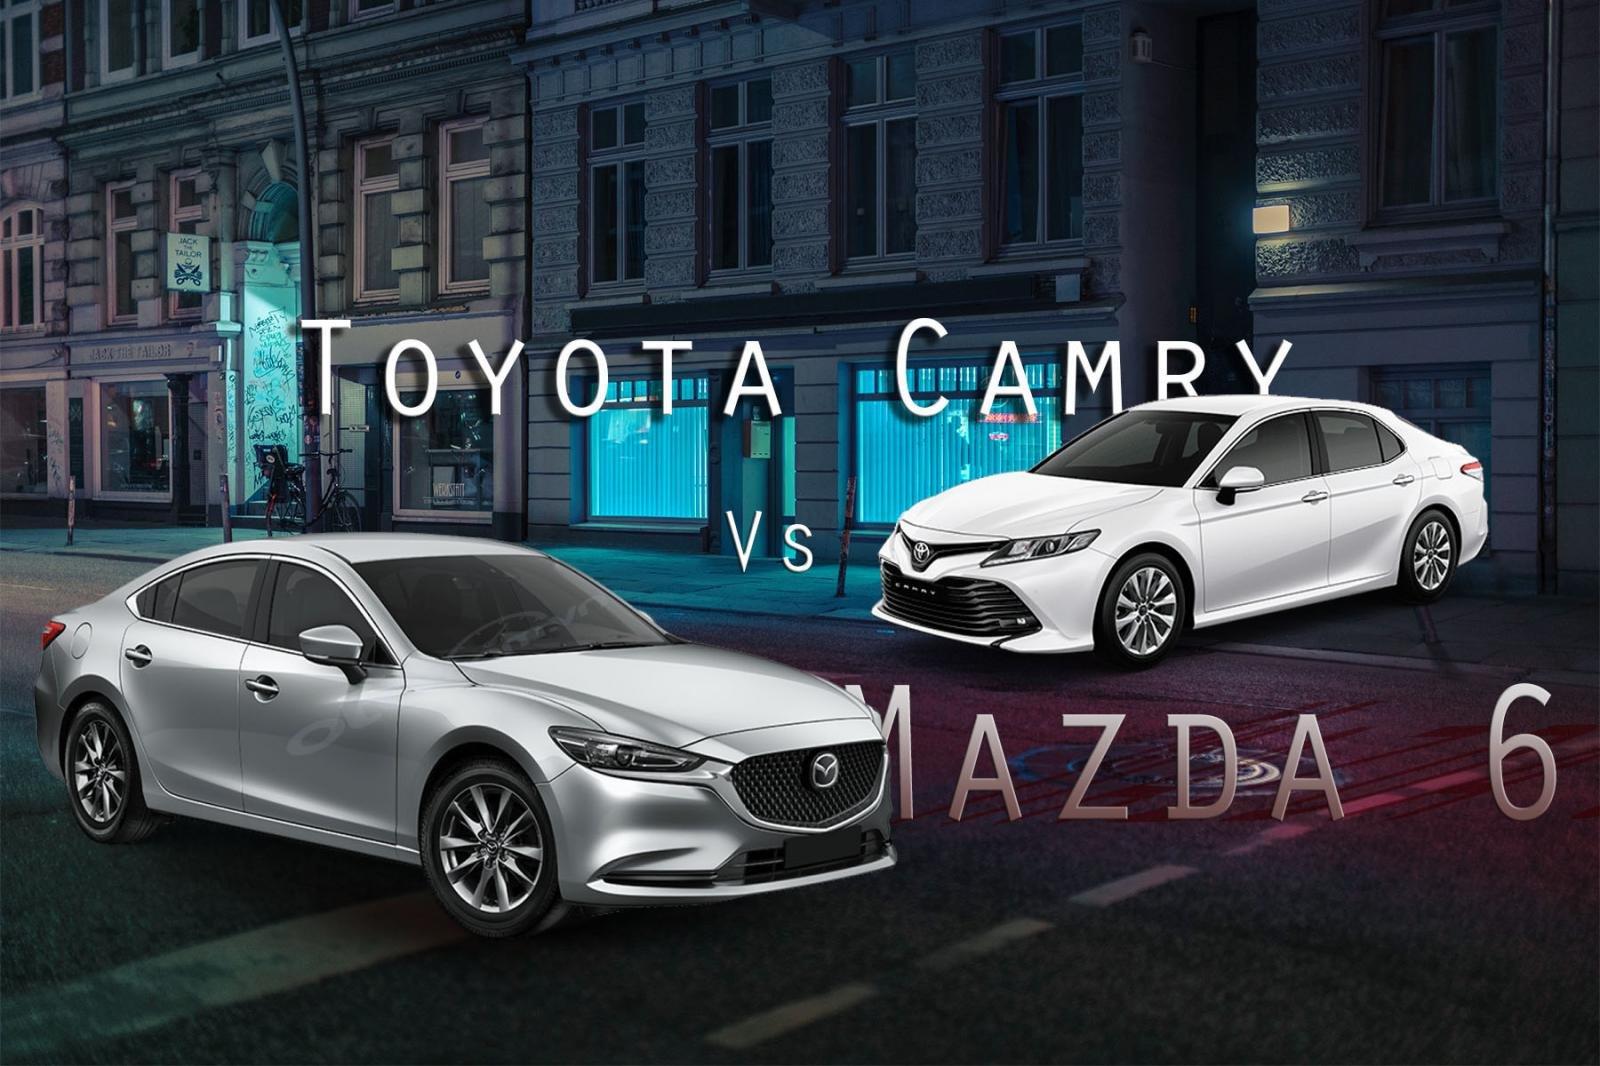 So sanh xe Mazda 6 2020 va Toyota Camry 2020 Cuoc so ke hap dan nhat phan khuc hang D